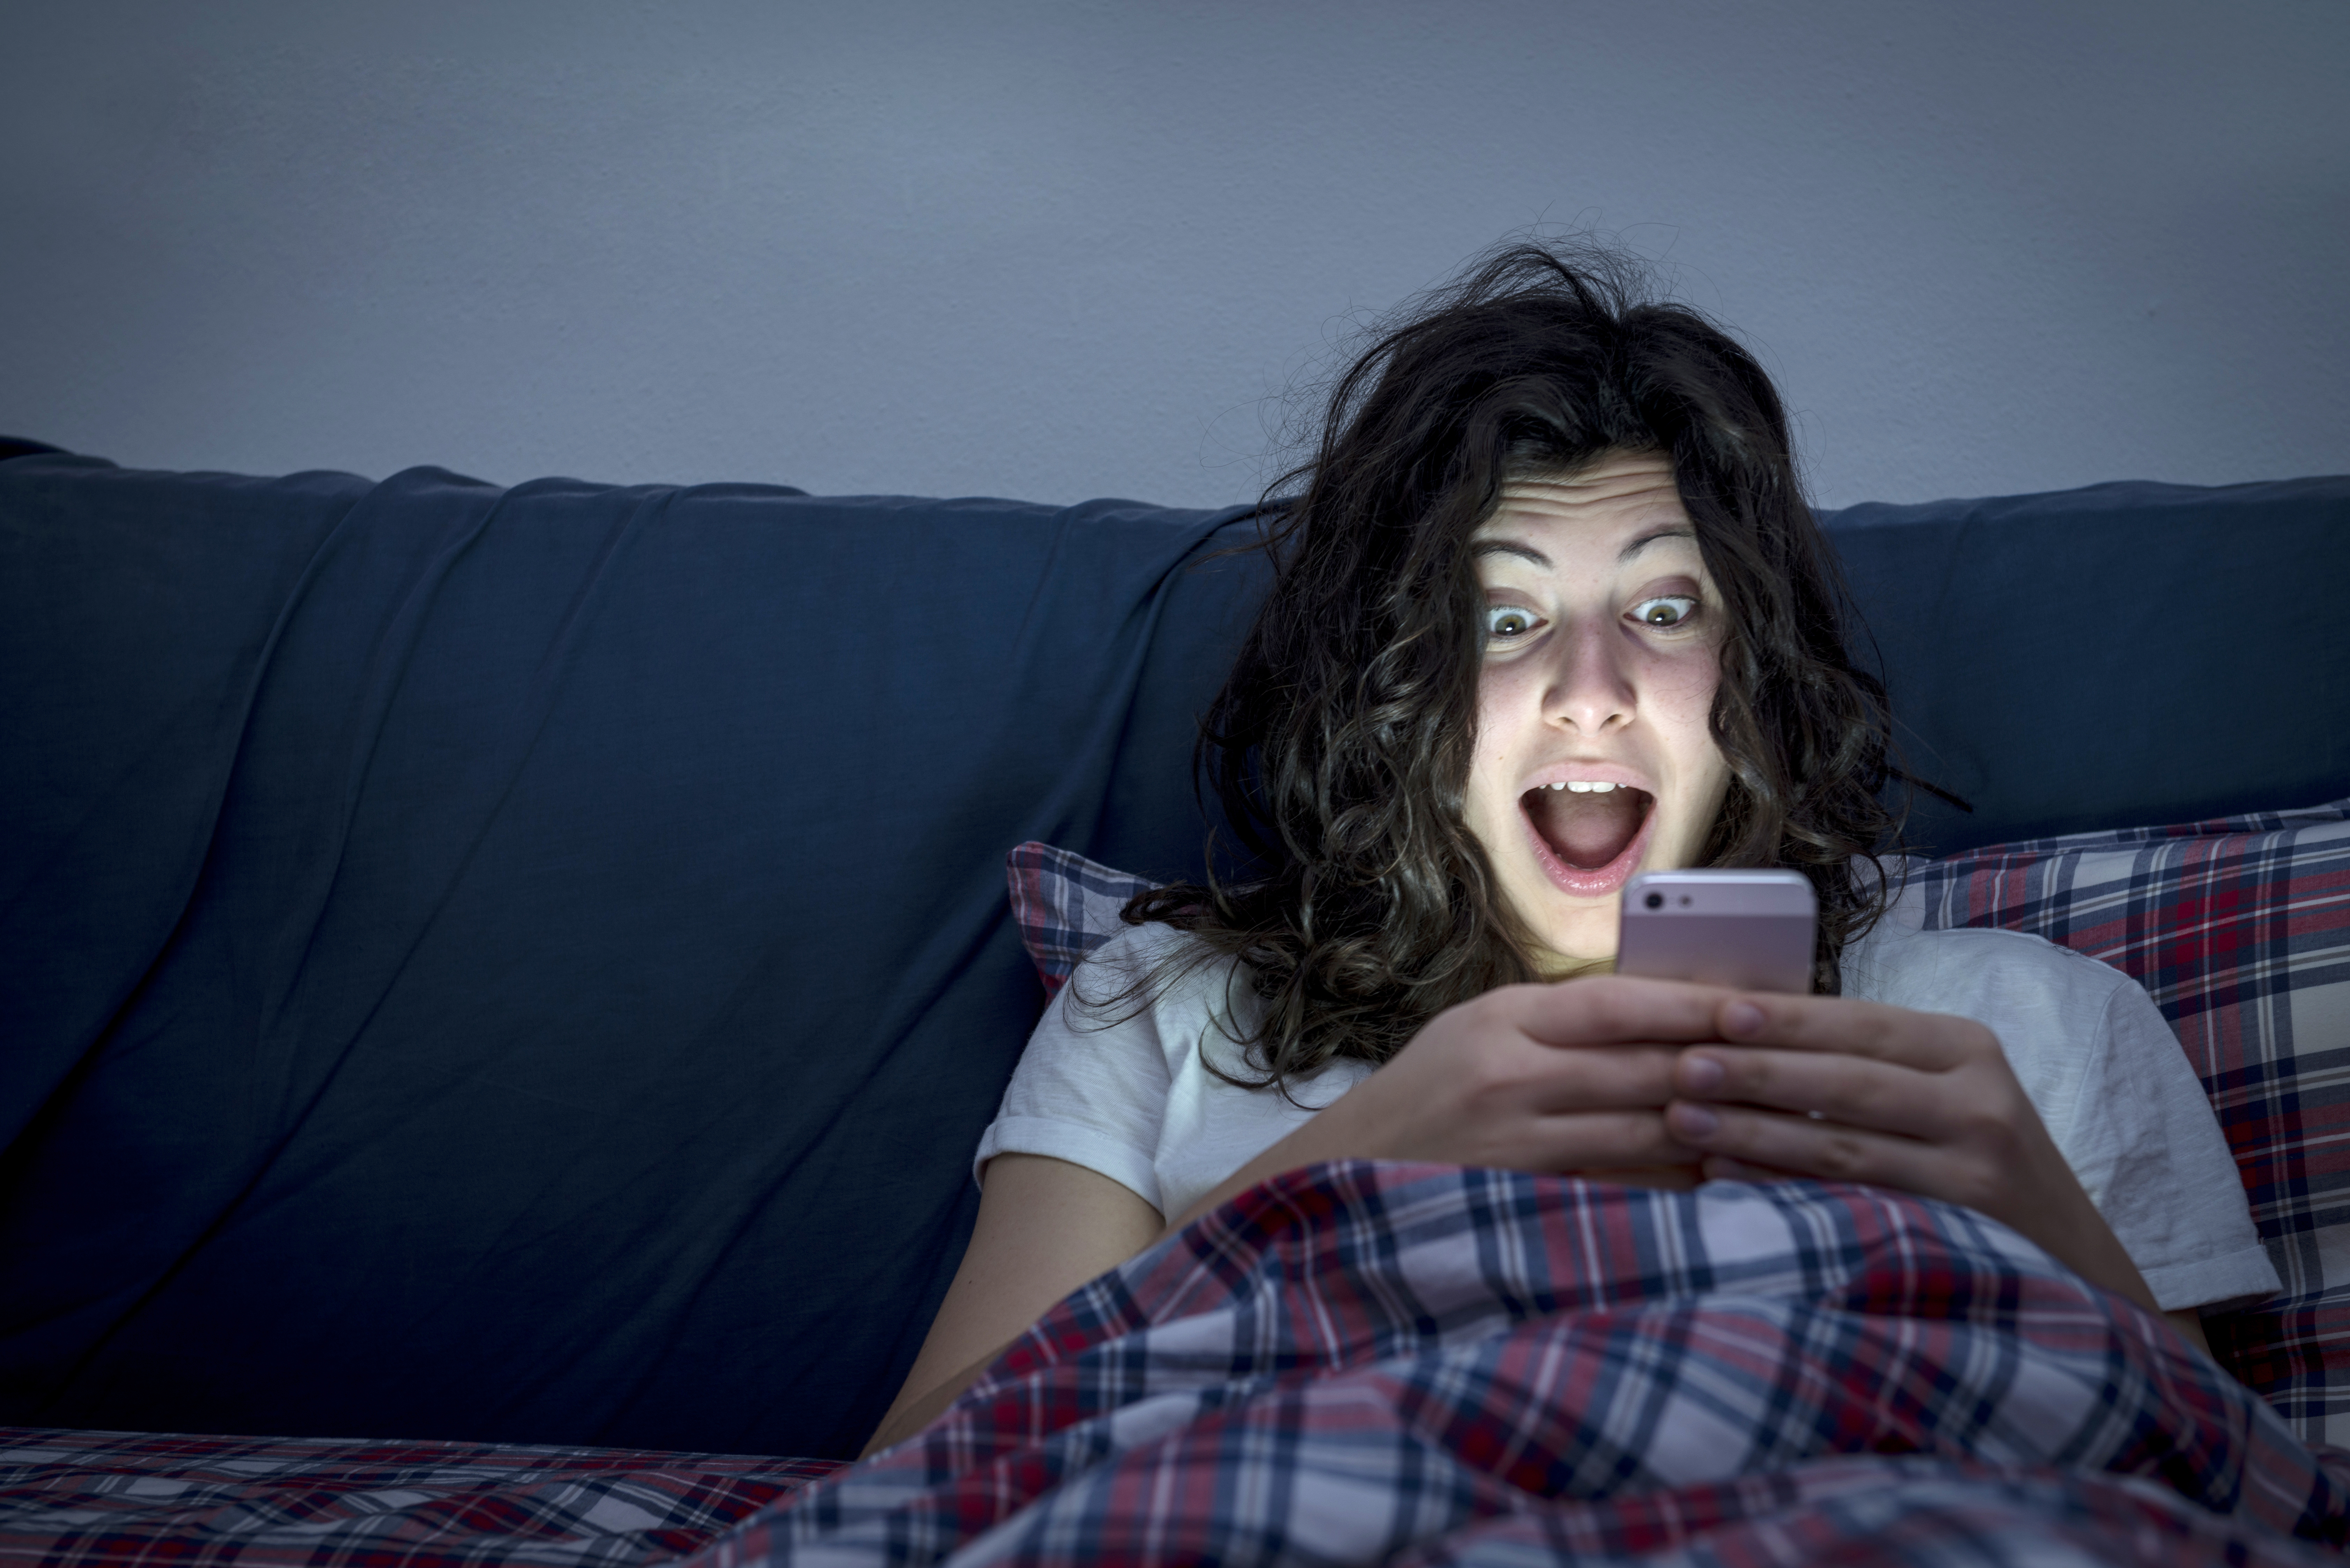 Vi arbetar, ser på teve, lyssnar på radio eller kollar mobiltelefonen i sängen som inte längre är en plats där man bara sover.